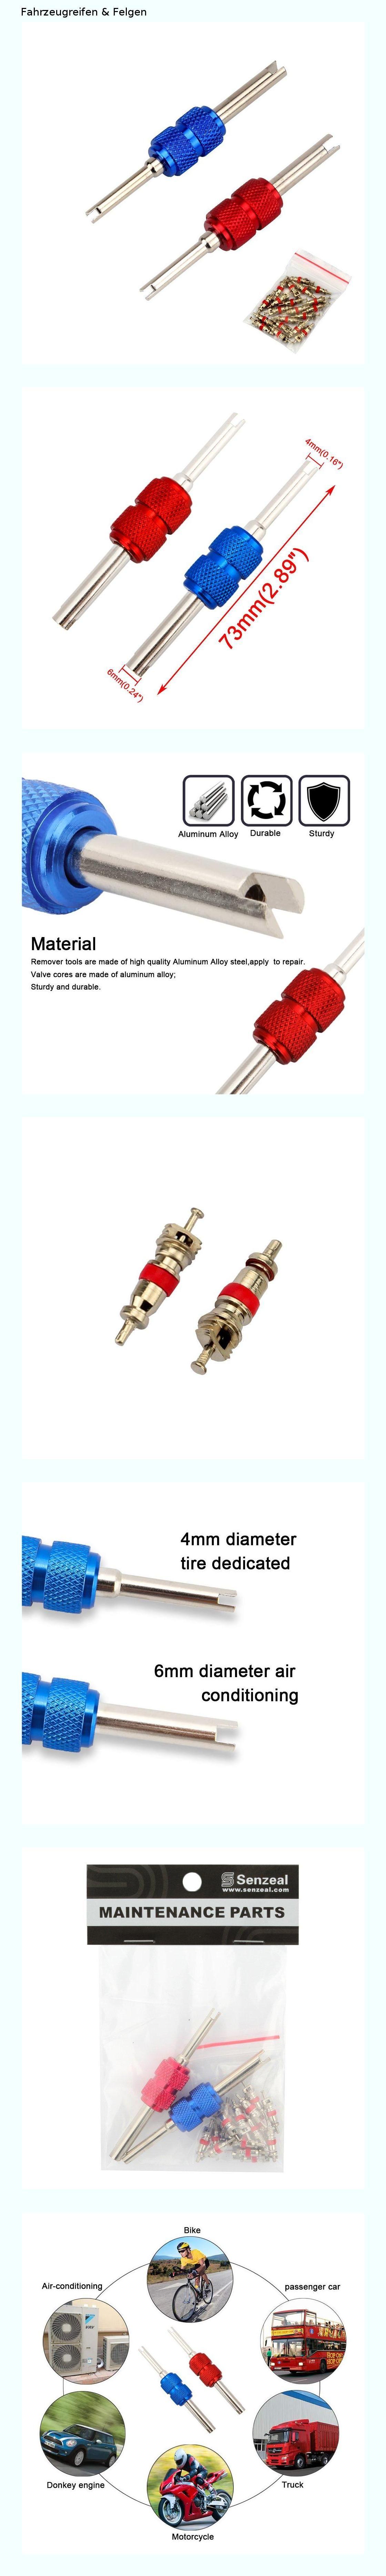 Pump Air Wedge Montagekissen Keil//Shim//Türstopper//Stemmeisen//Hebel Handwerkzeuge